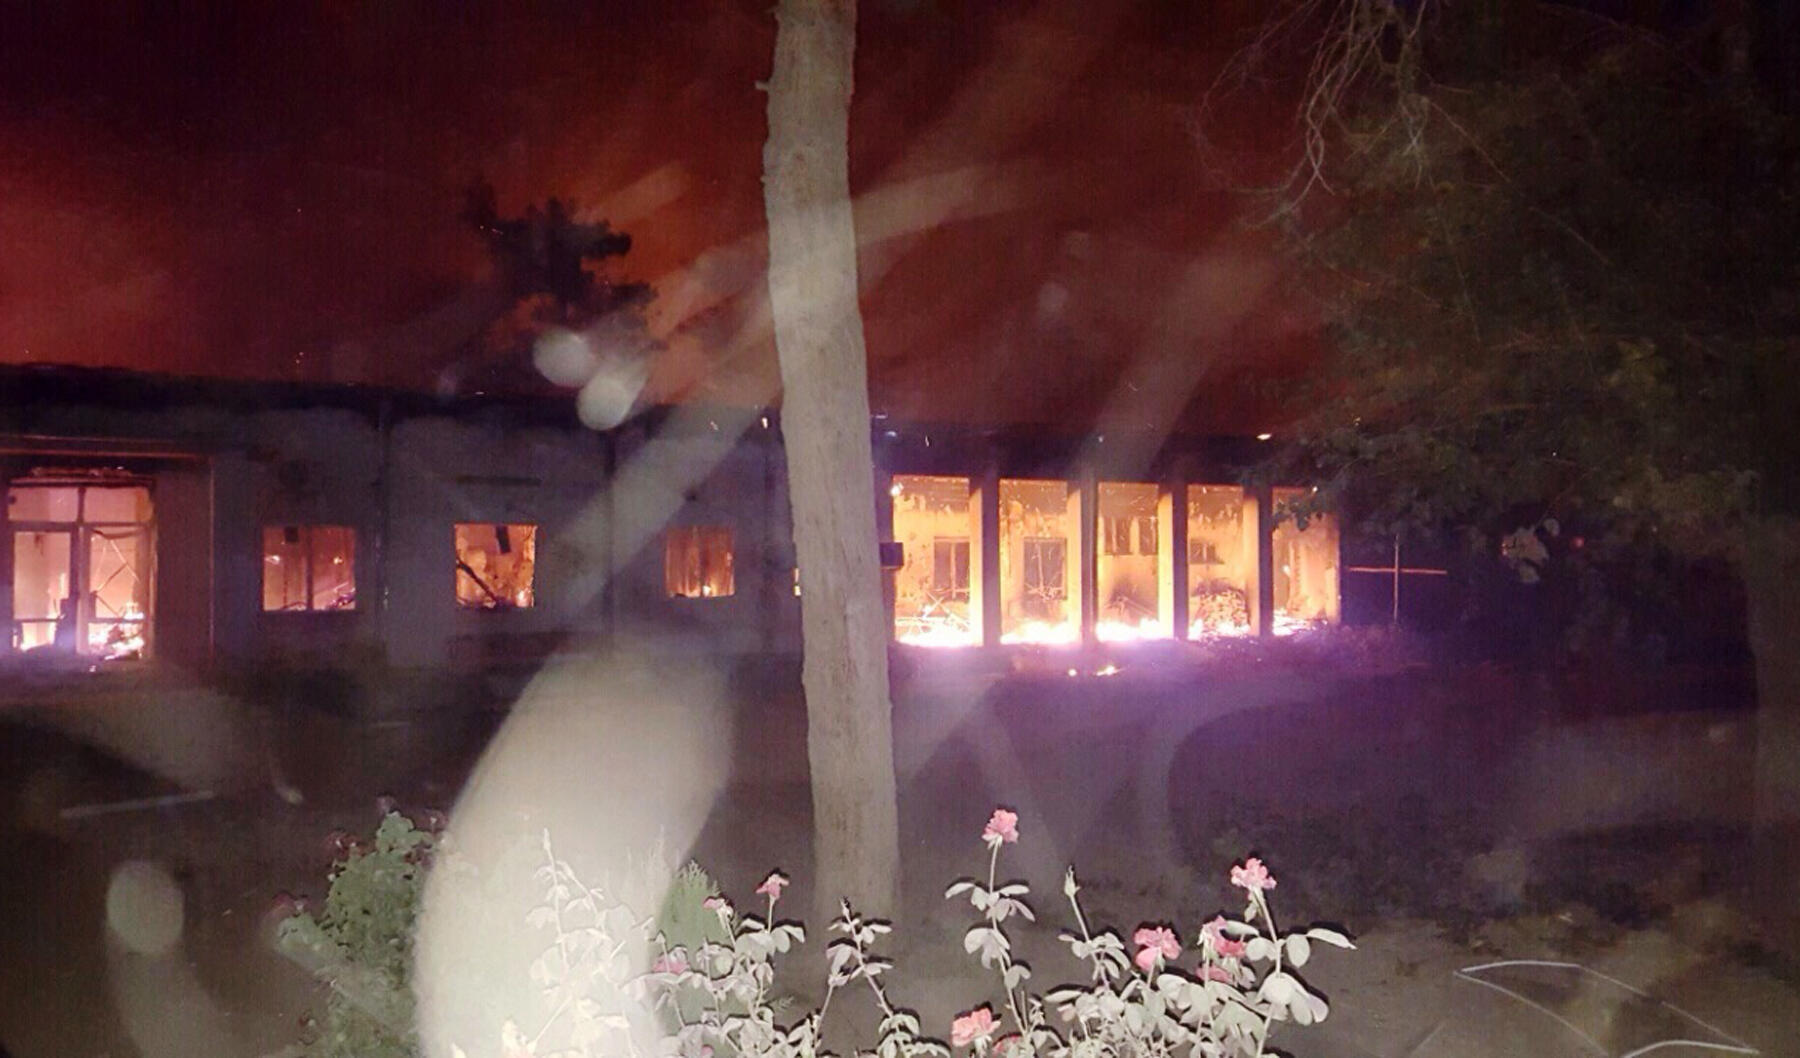 Foto fornecida pela MSF mostra que o hospital da ONG em Kunduz pegou fogo depois de ser atingido por um míssil no dia 3 de outubro de 2015.